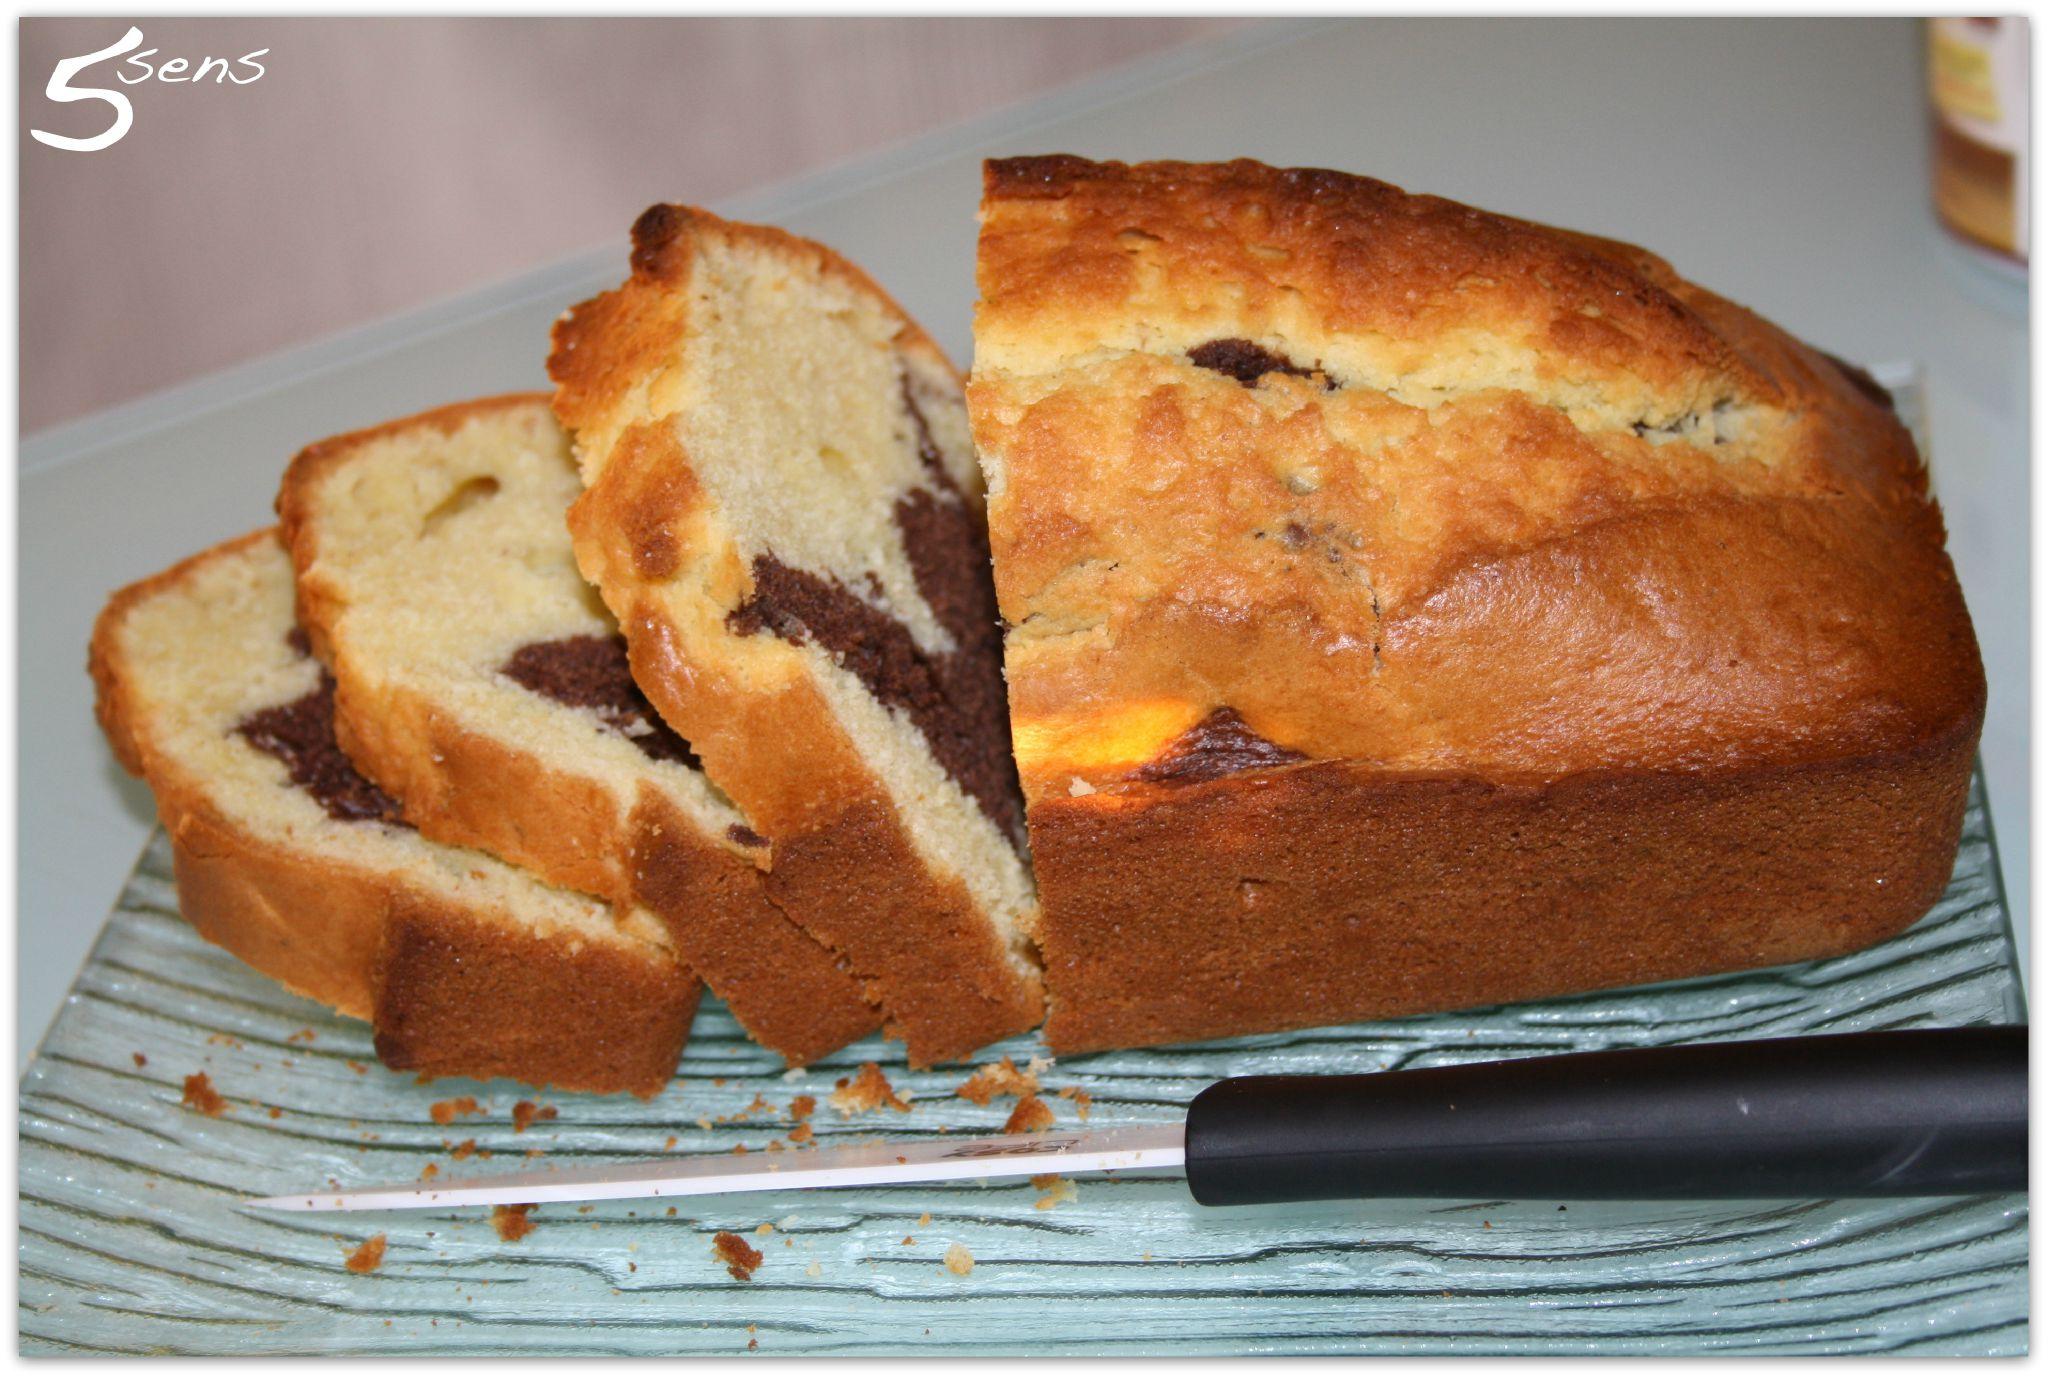 Gateau Marbre Au Yaourt Et Chocolat Les 5 Sens En Cuisine